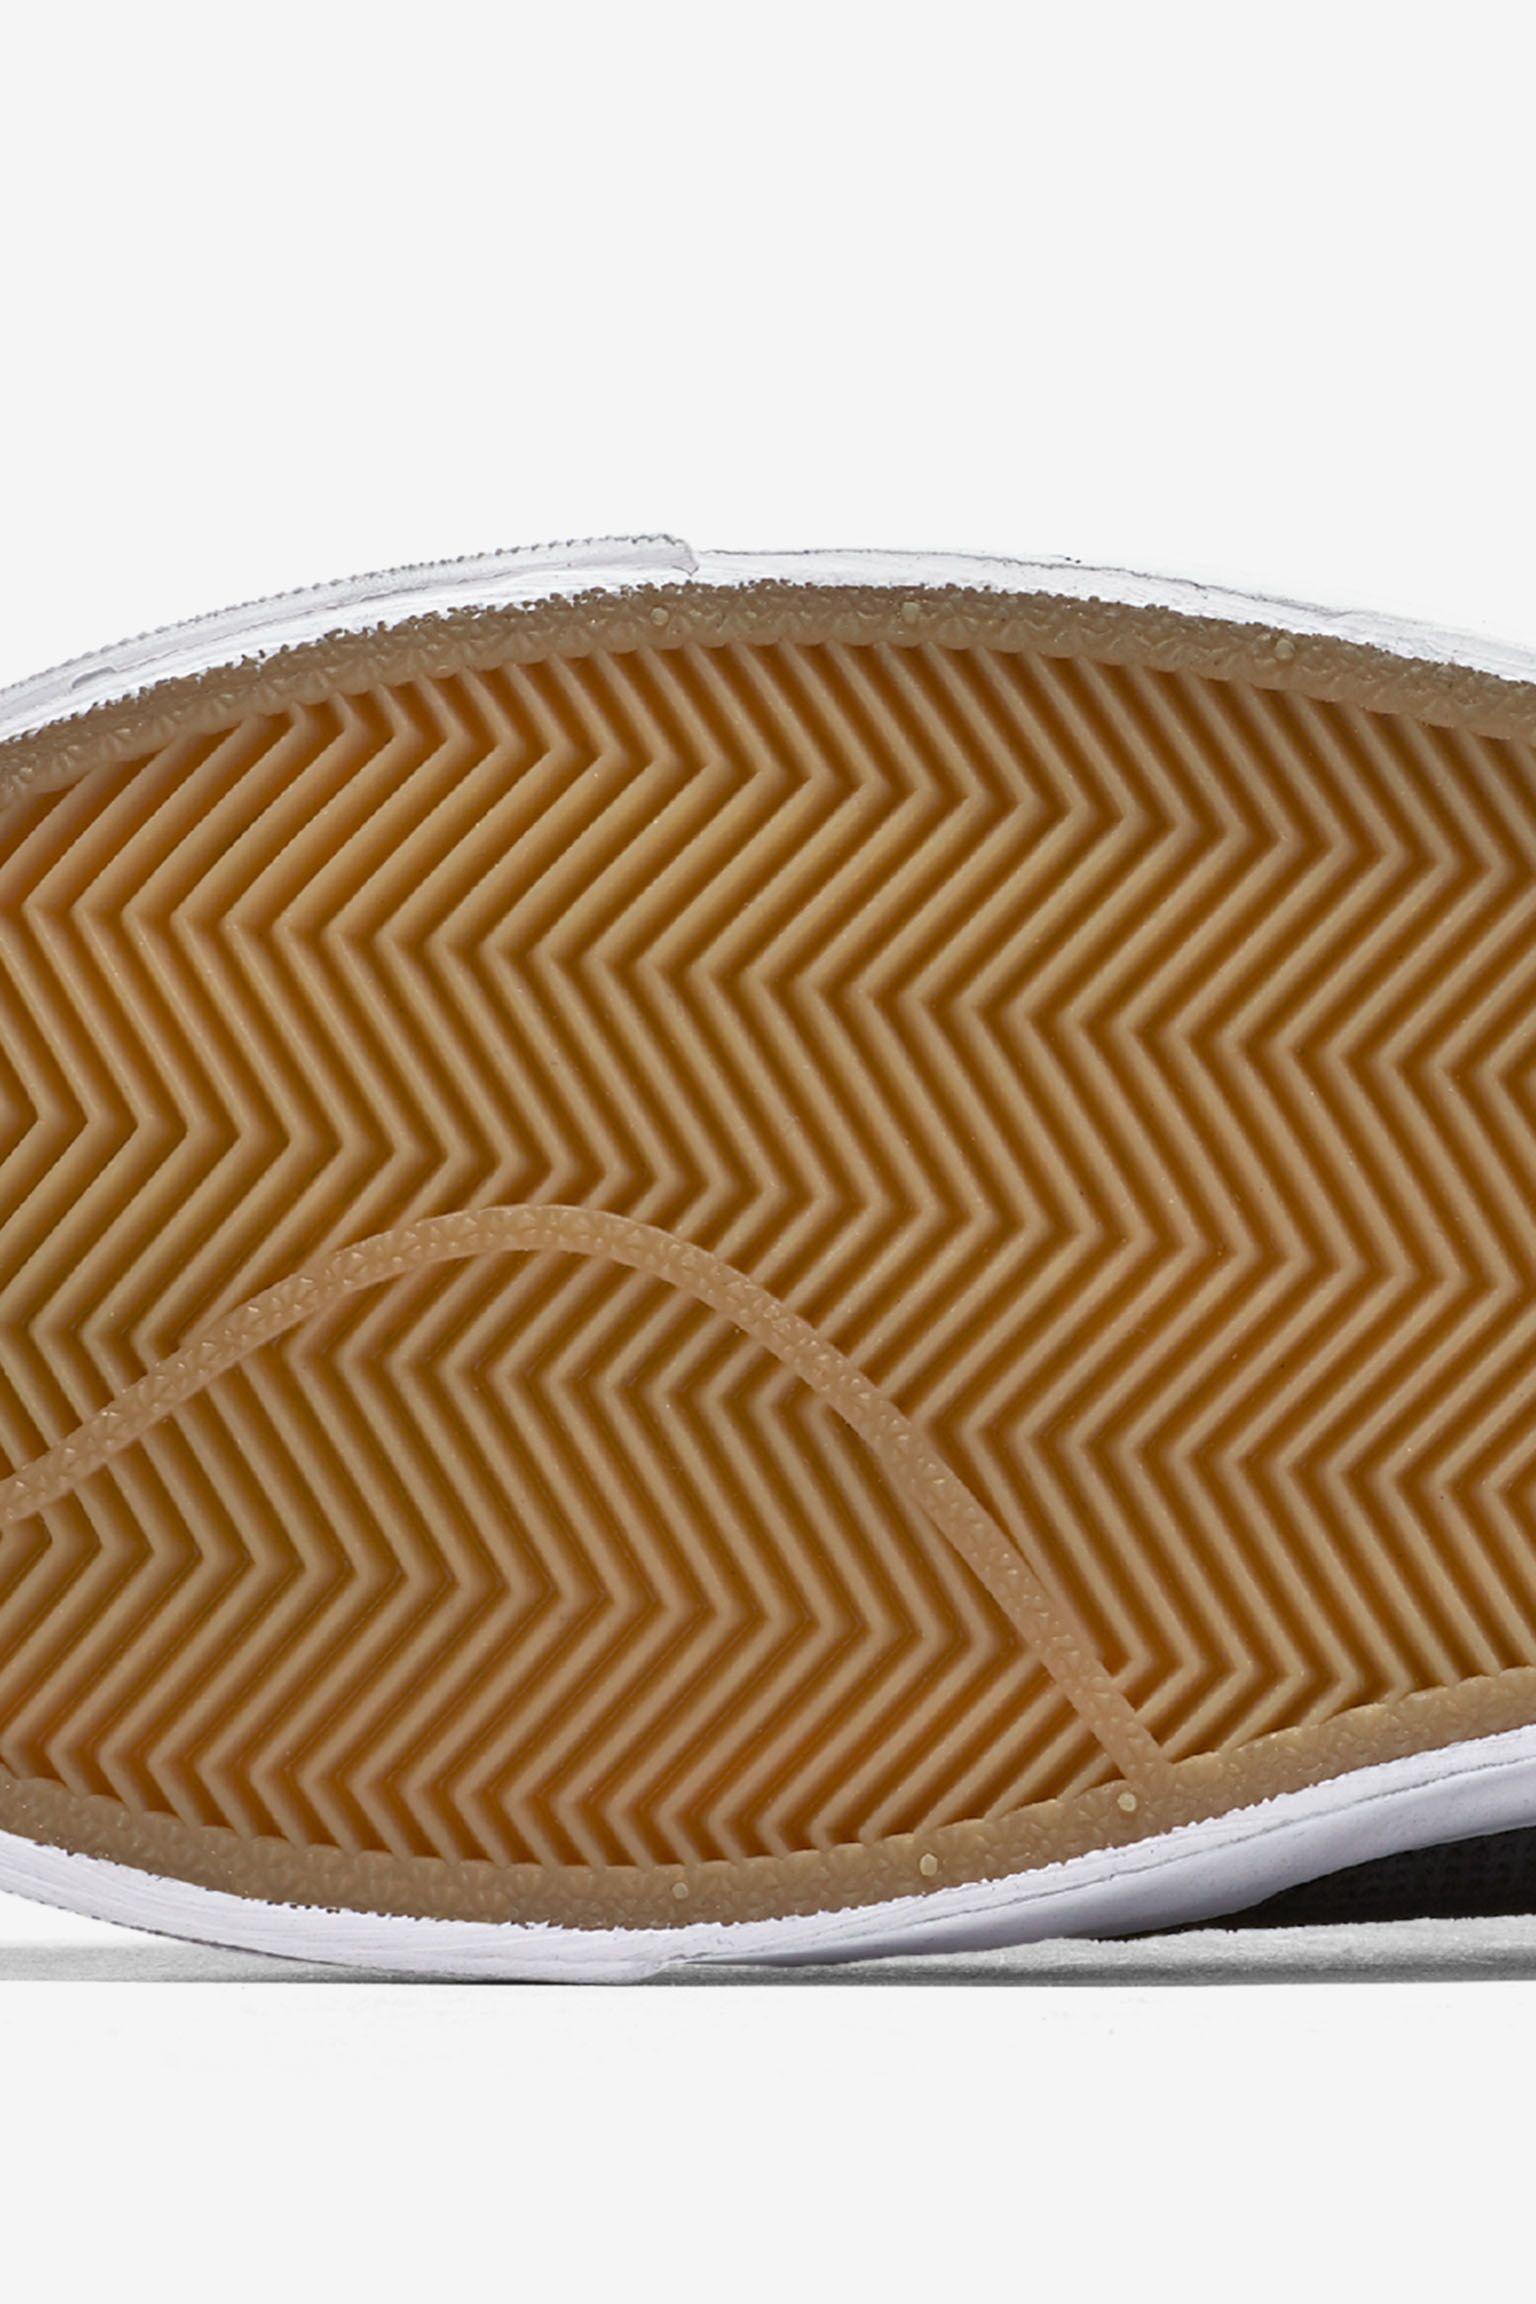 NikeCourt All Court 2 Low 'Black & White'